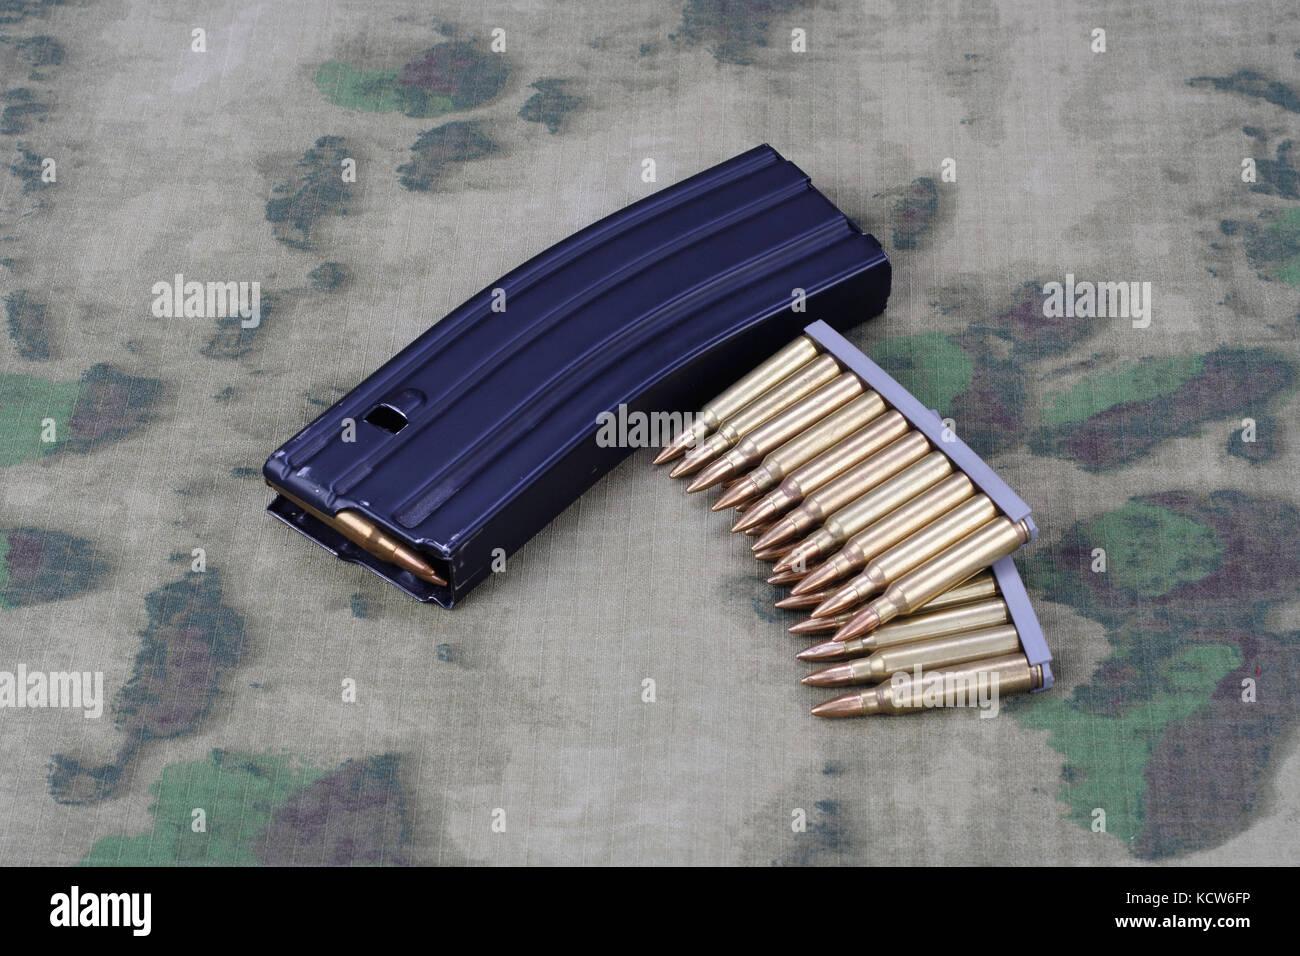 Ammunition with magazine on camoflage background Stock Photo